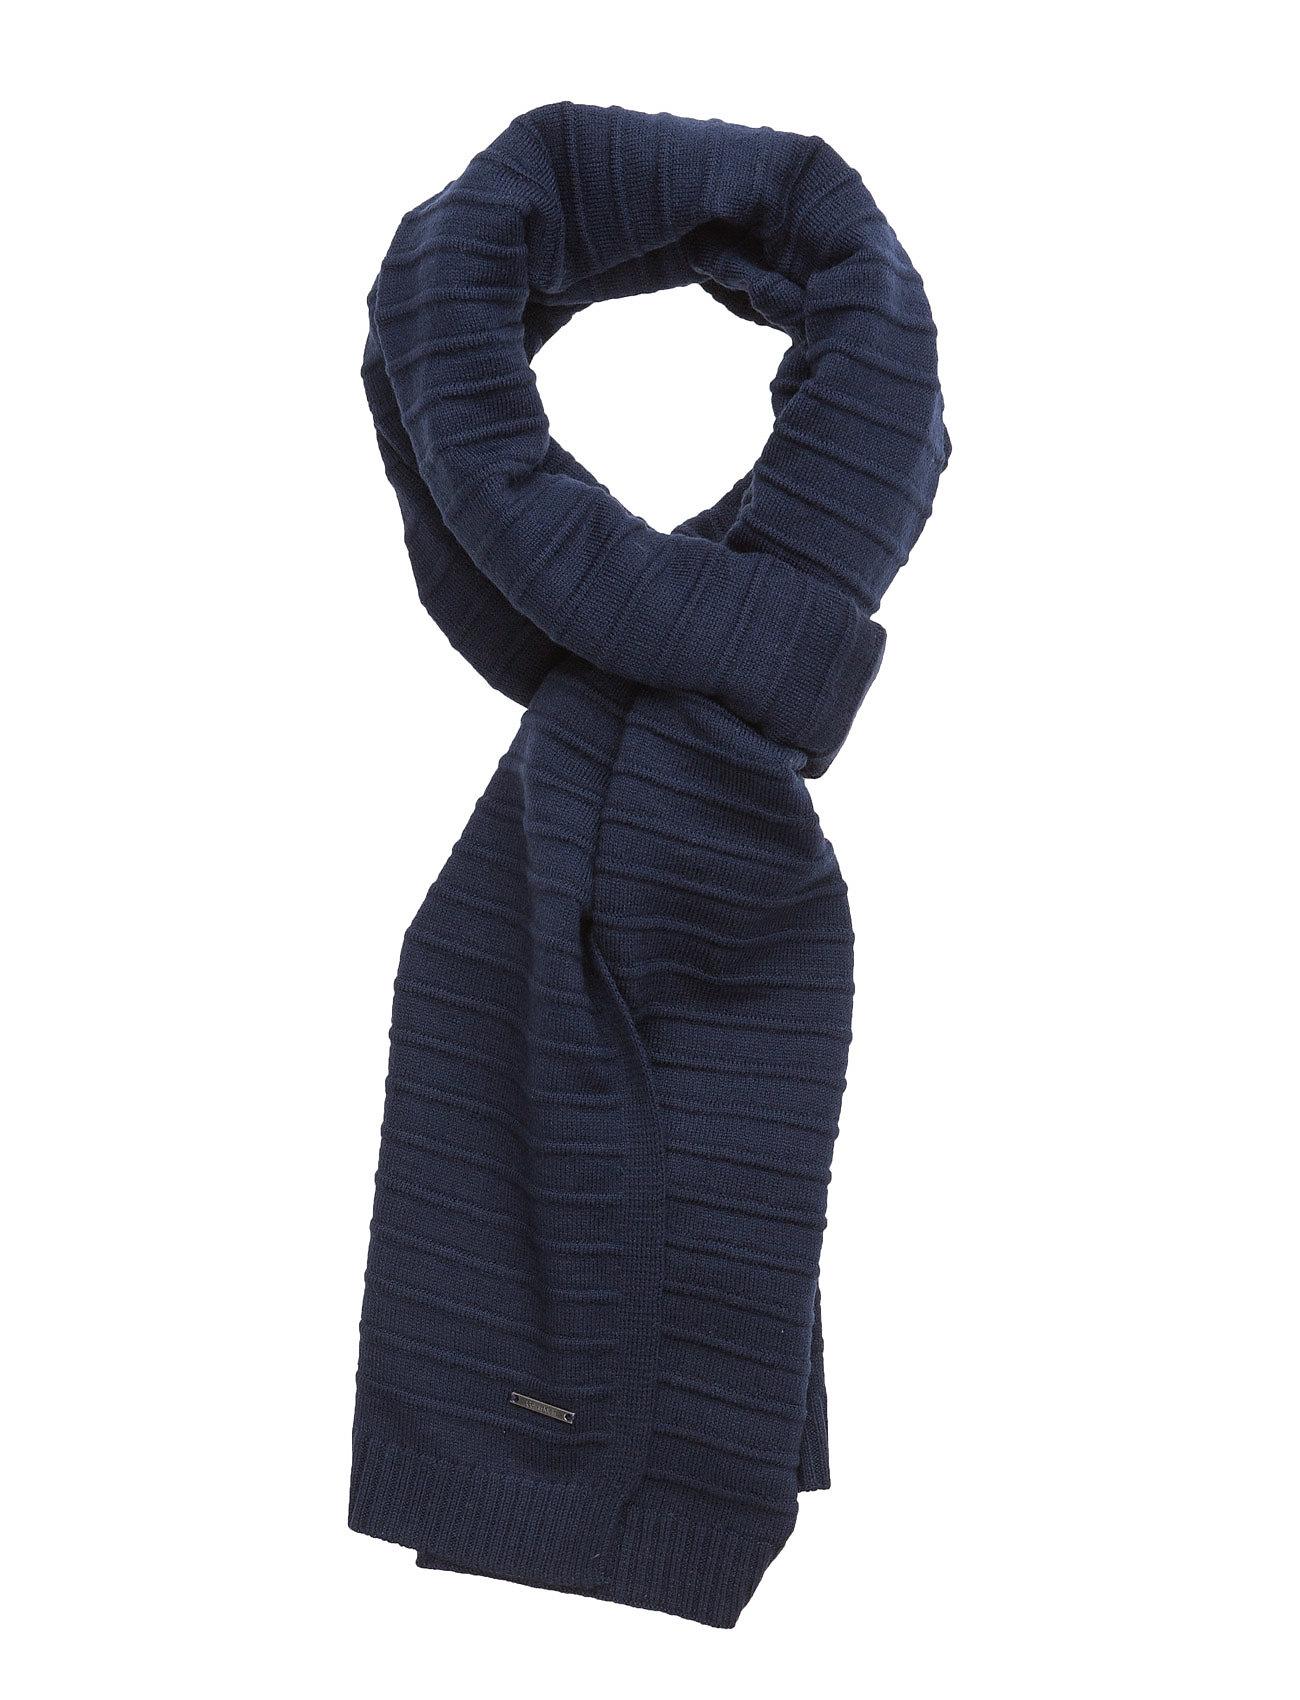 Basic 2 Scarf 000, O Calvin Klein Halstørklæder til Mænd i Navy blå